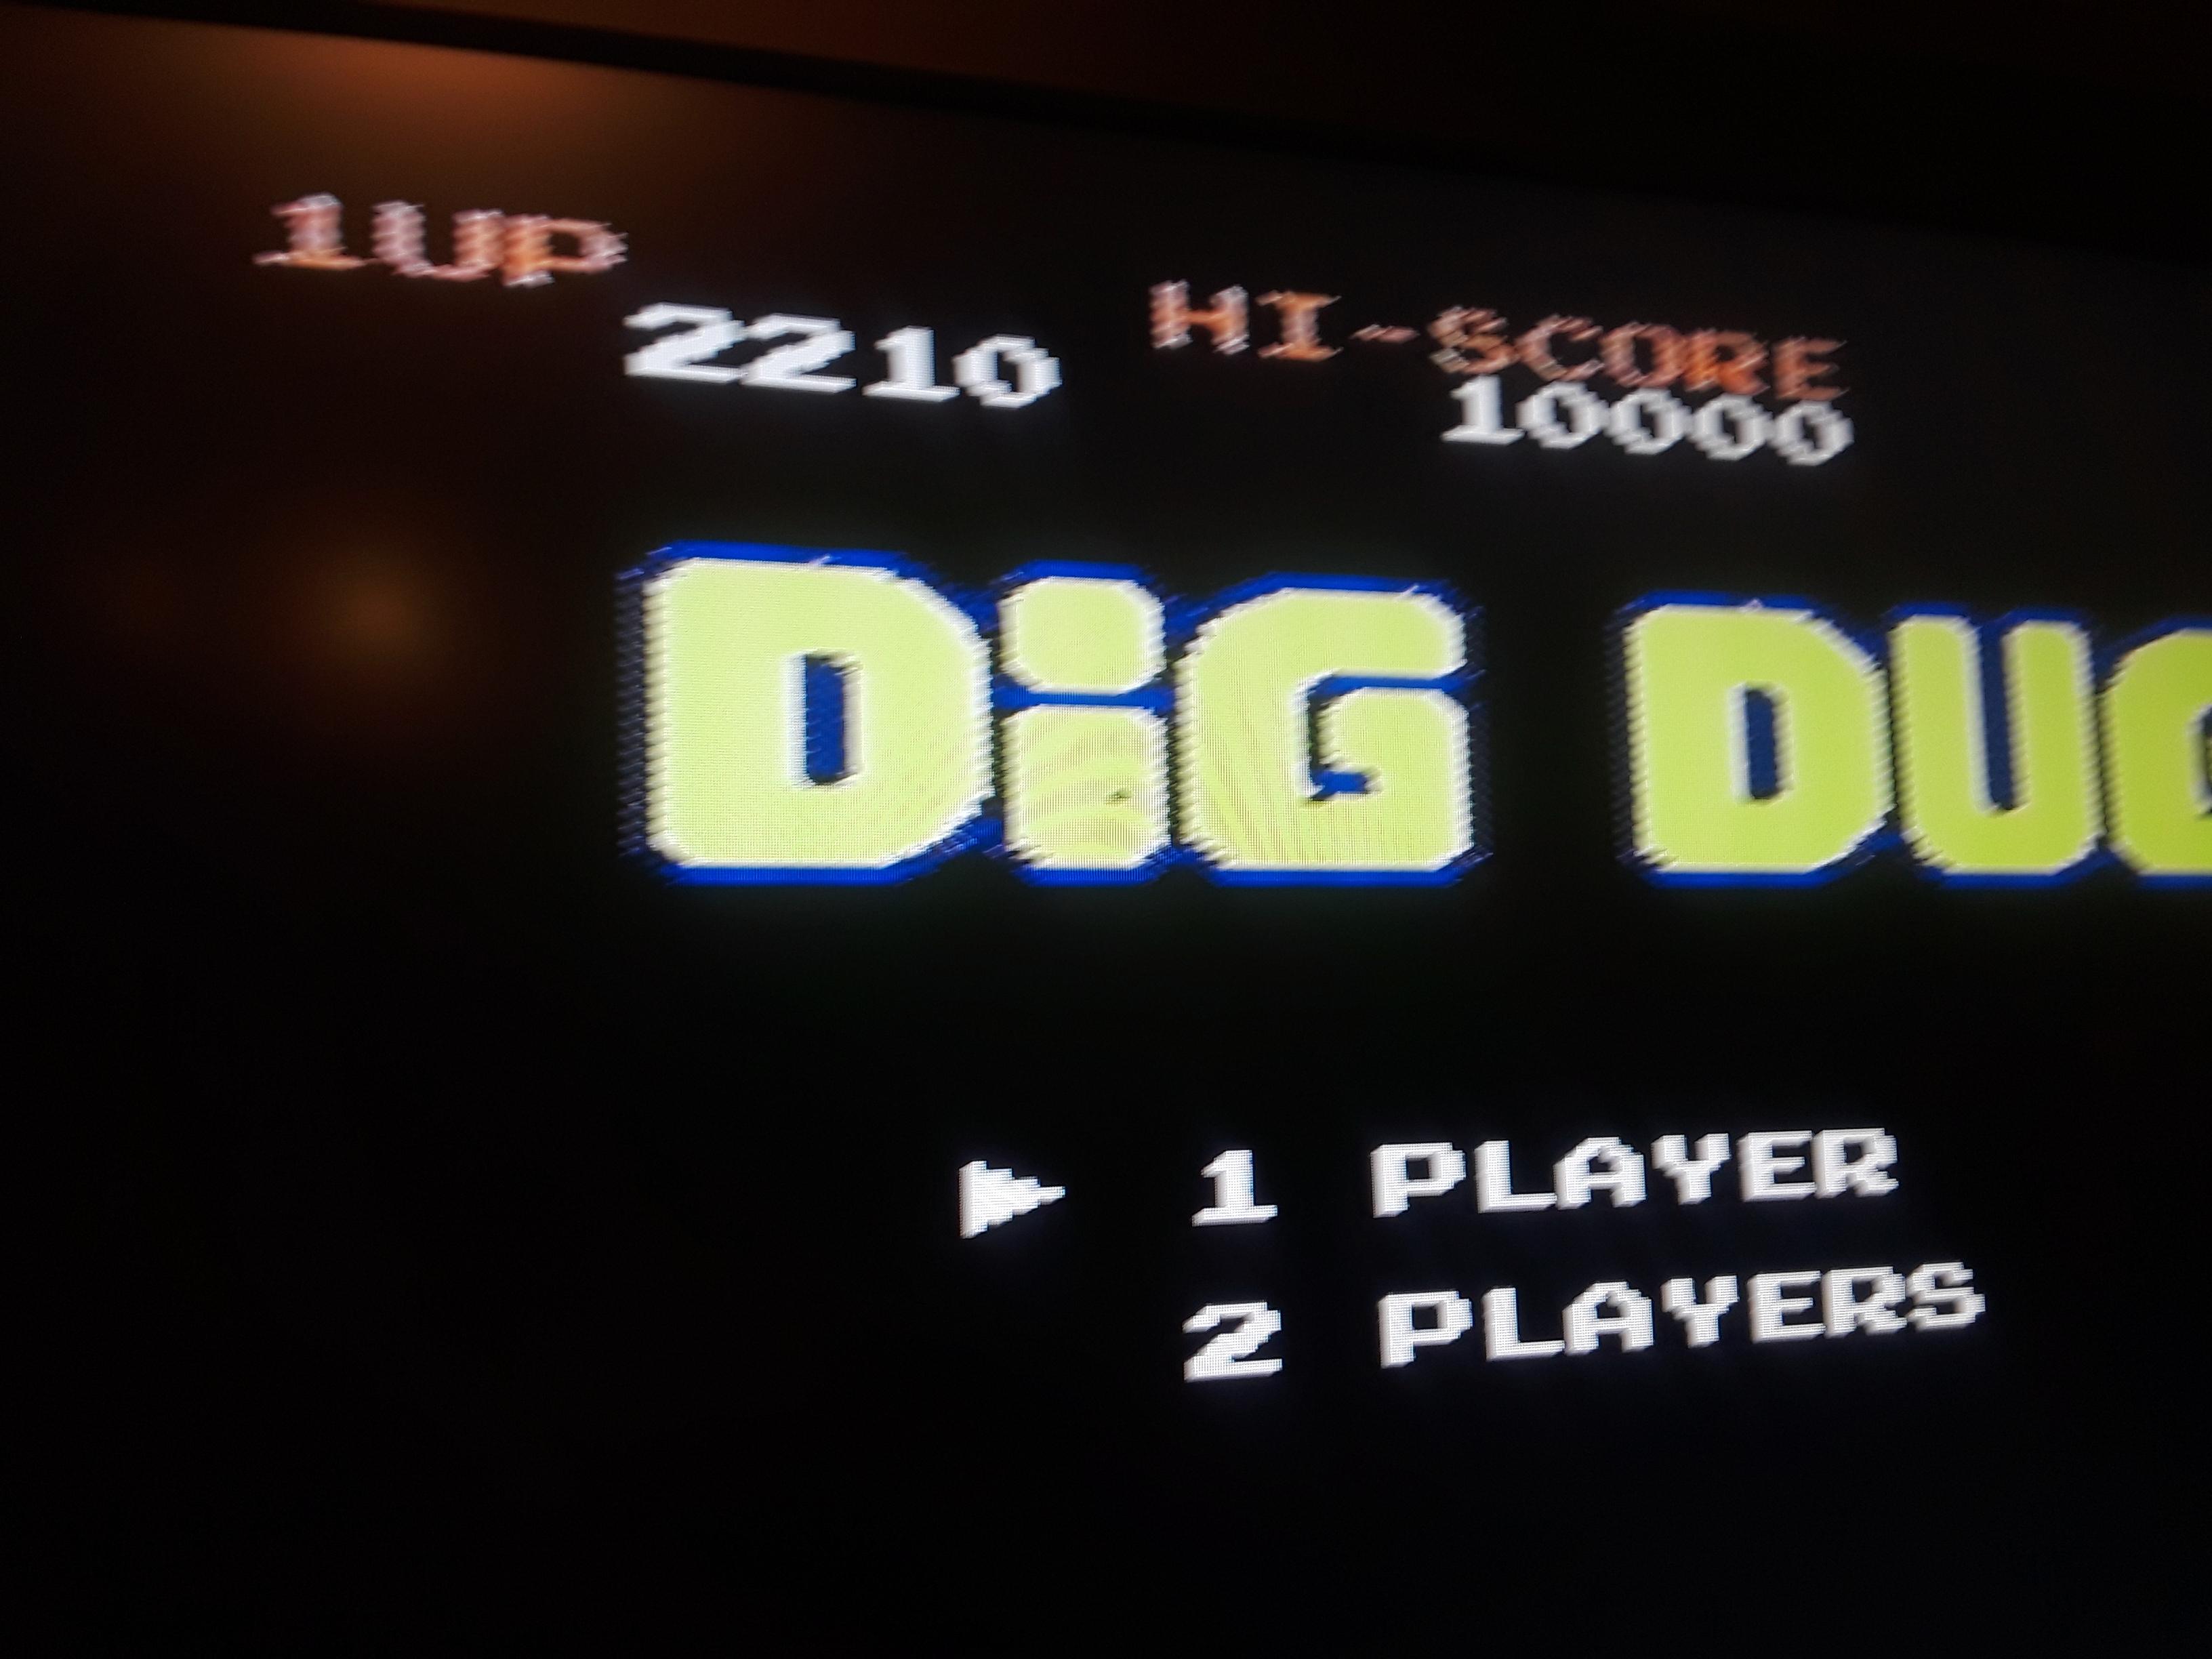 Dig Dug 2,210 points